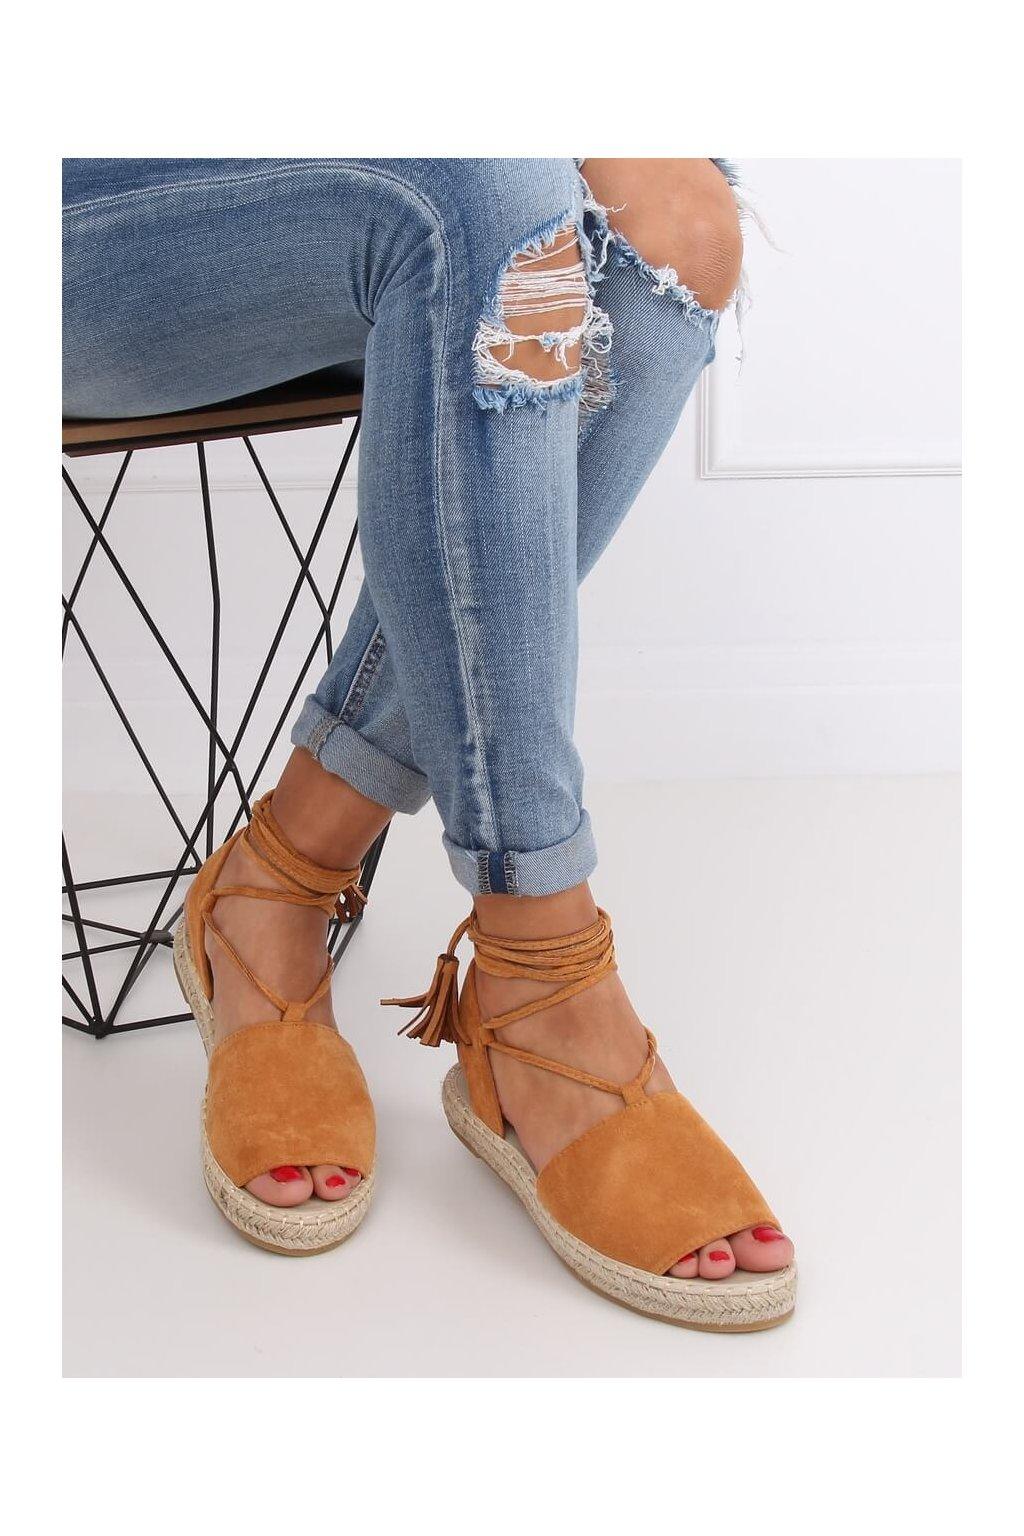 Dámske sandále hnedé na plochom podpätku BB25